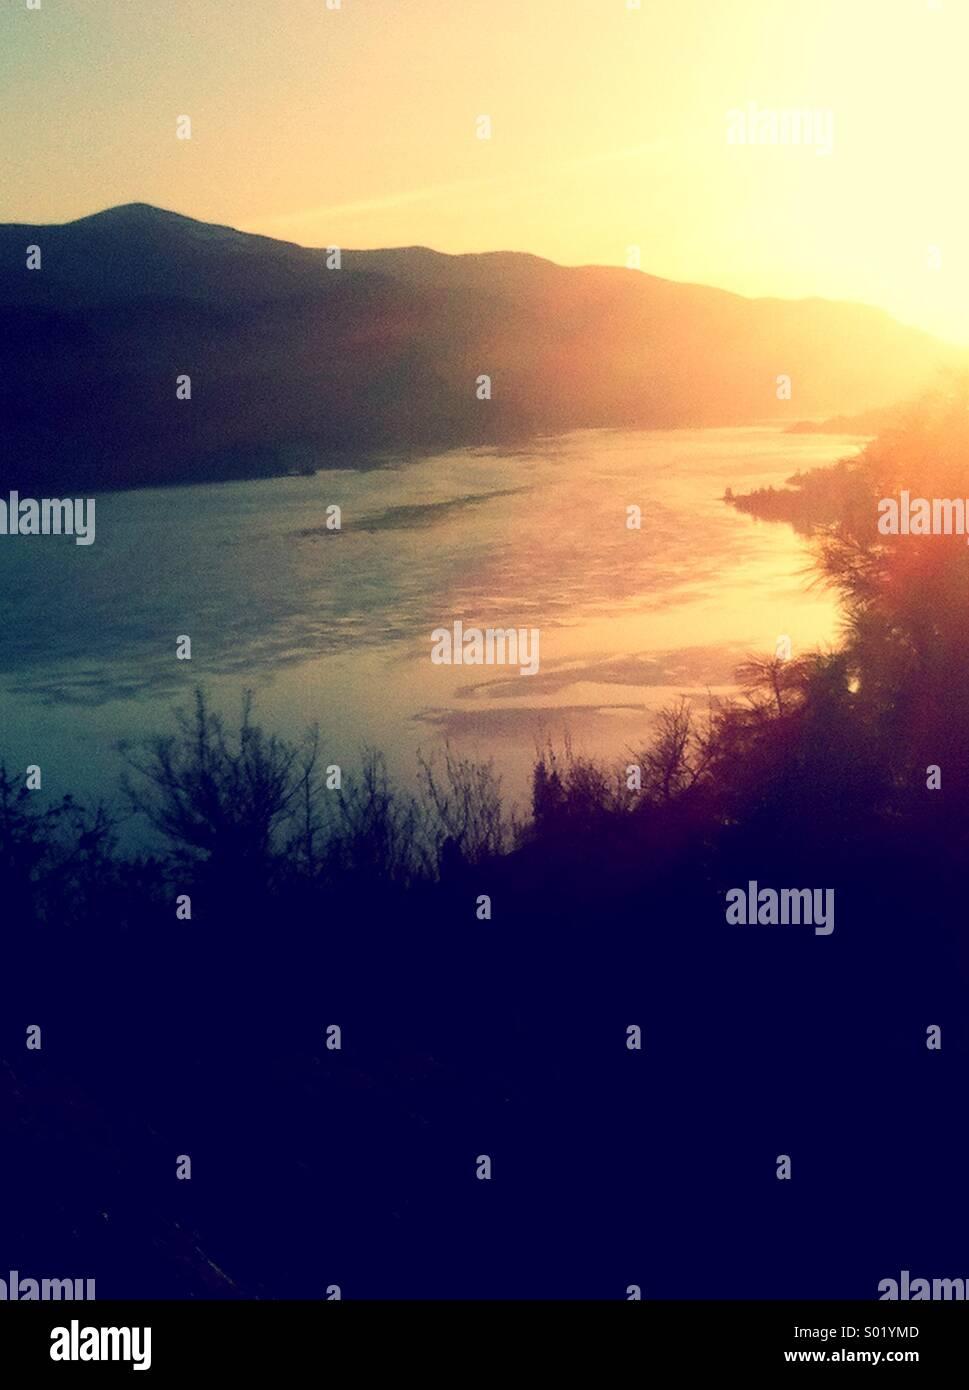 Sonnenuntergang im Tal mit dem Fluss zwischen den Hügeln Stockbild